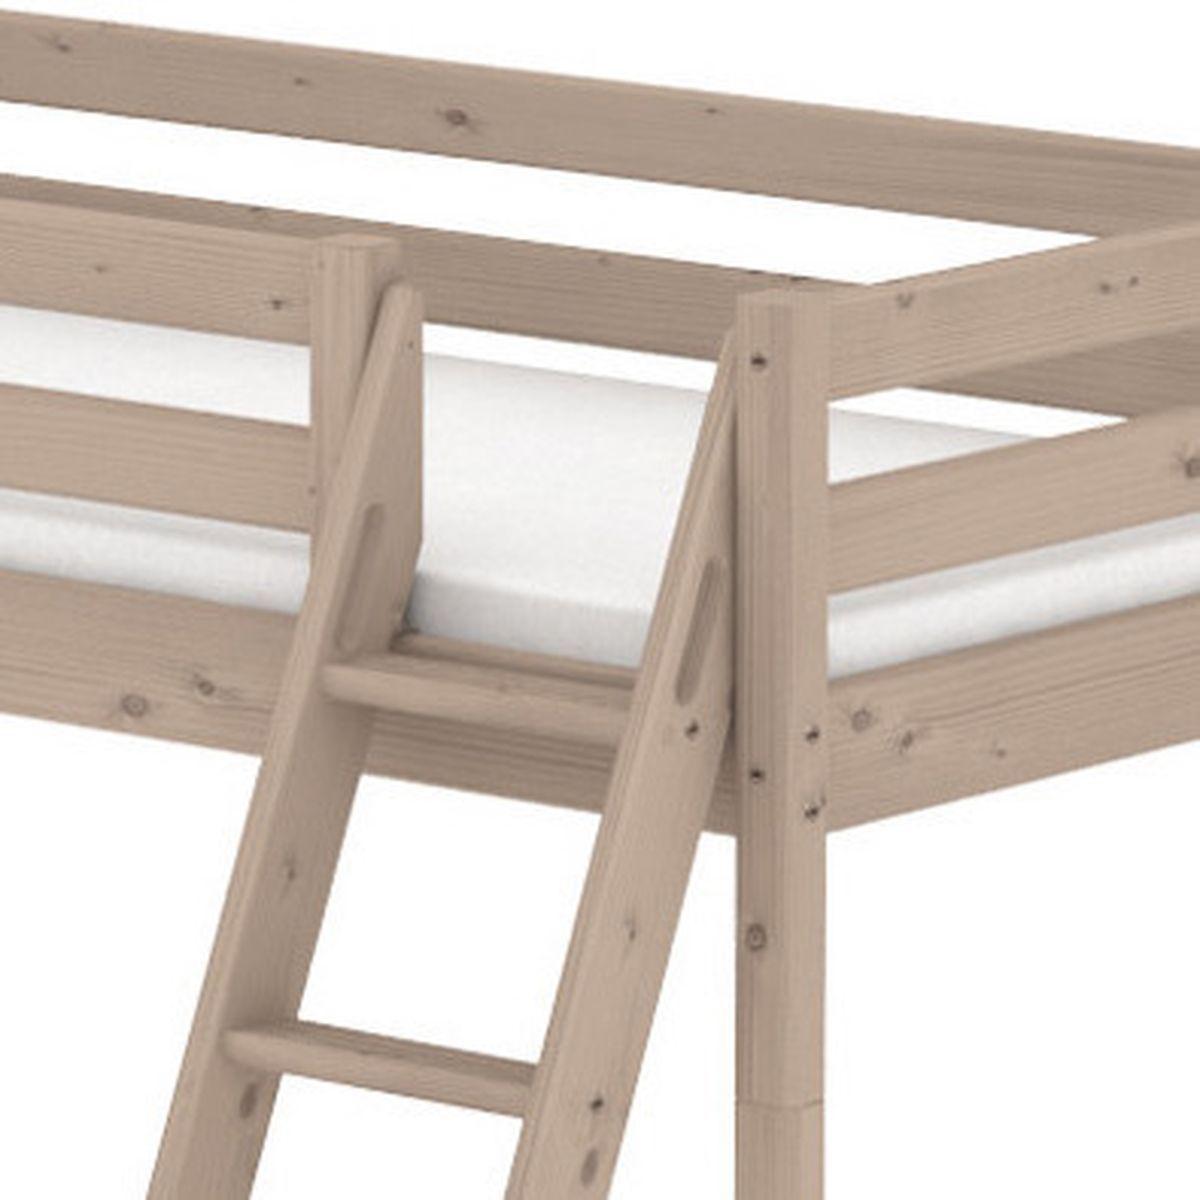 TERRA by Flexa Lit mi-hauteur 90x190 cm avec échelle inclinée poignées et rambarde blanche